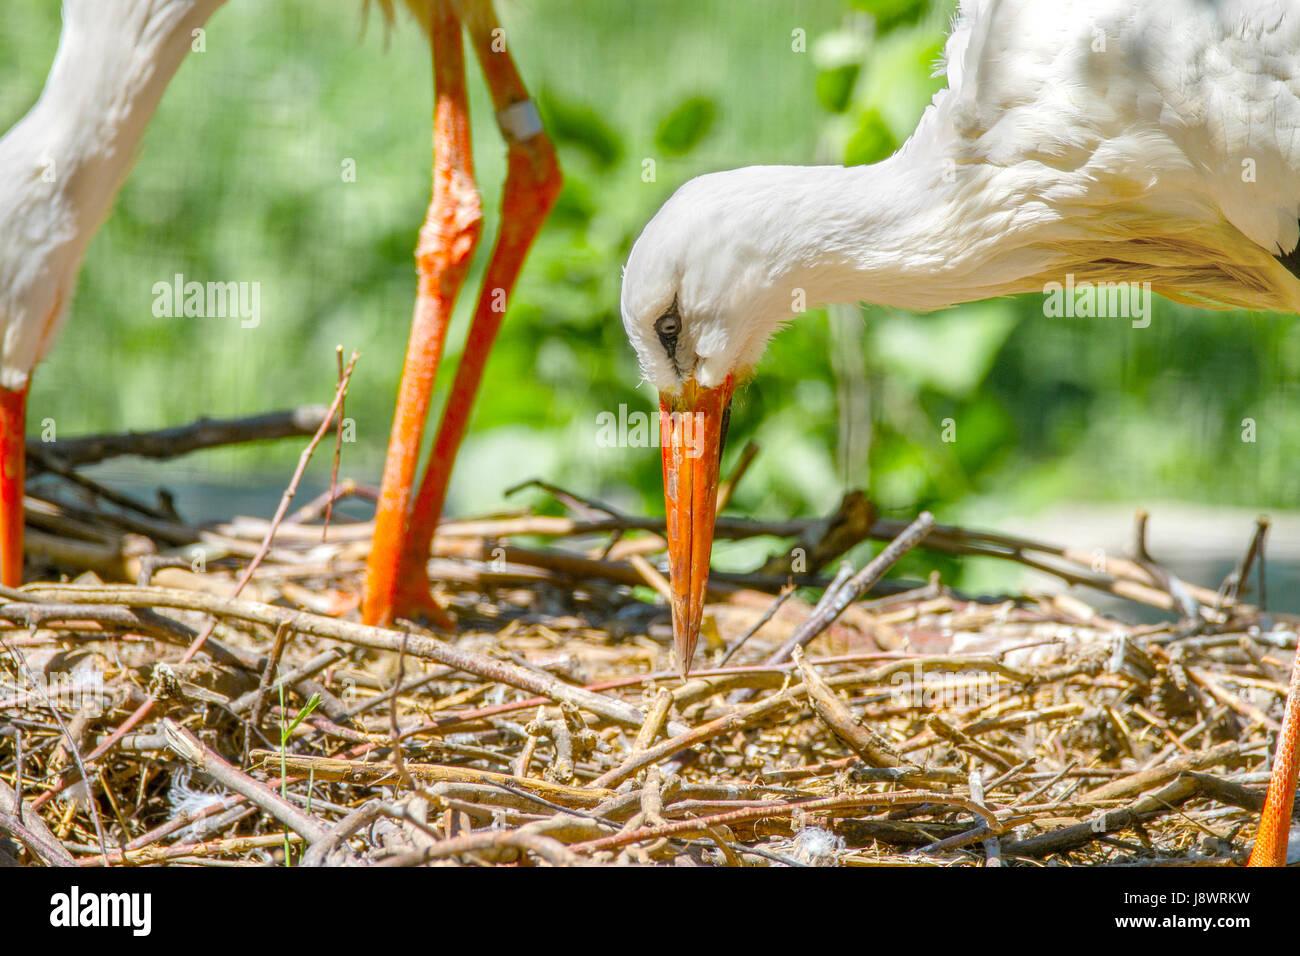 Immagine di un uccello becco cicogna costruire un nido Immagini Stock